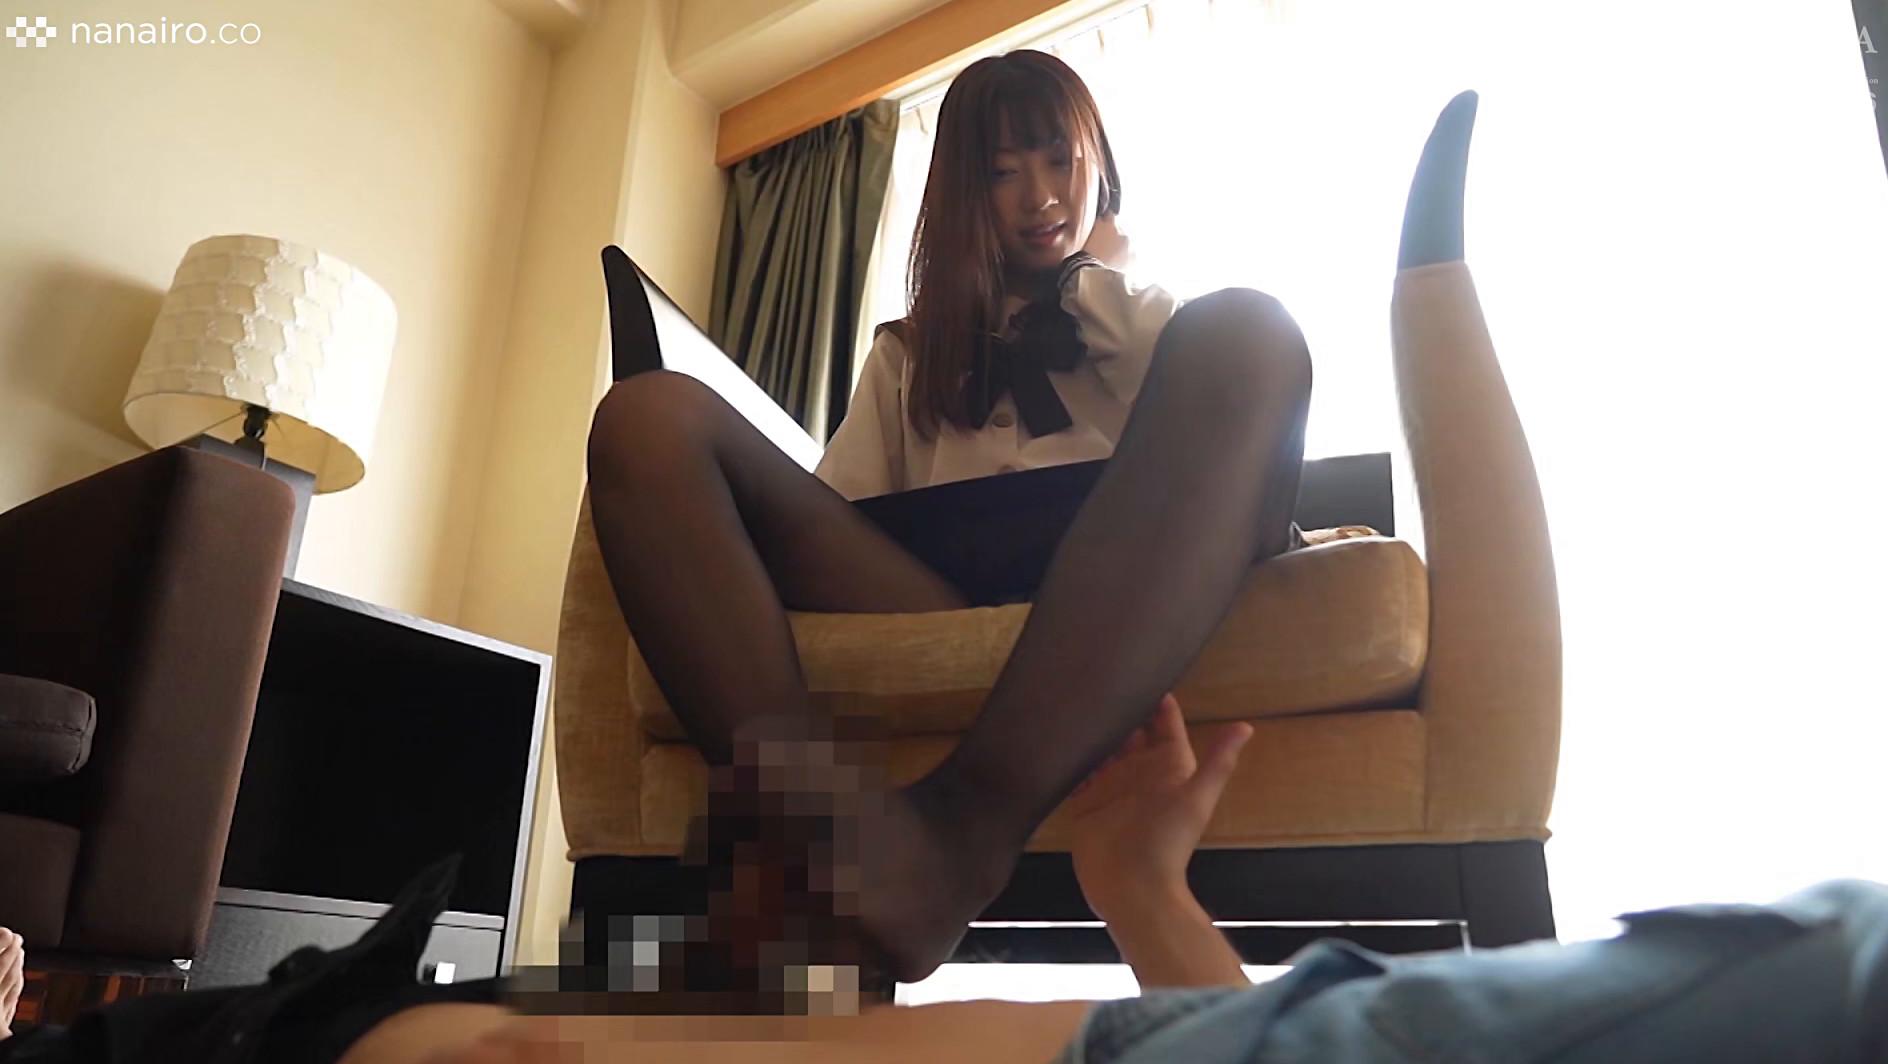 S-Cute いちか(21) 華奢な美少女と中出しH 画像3